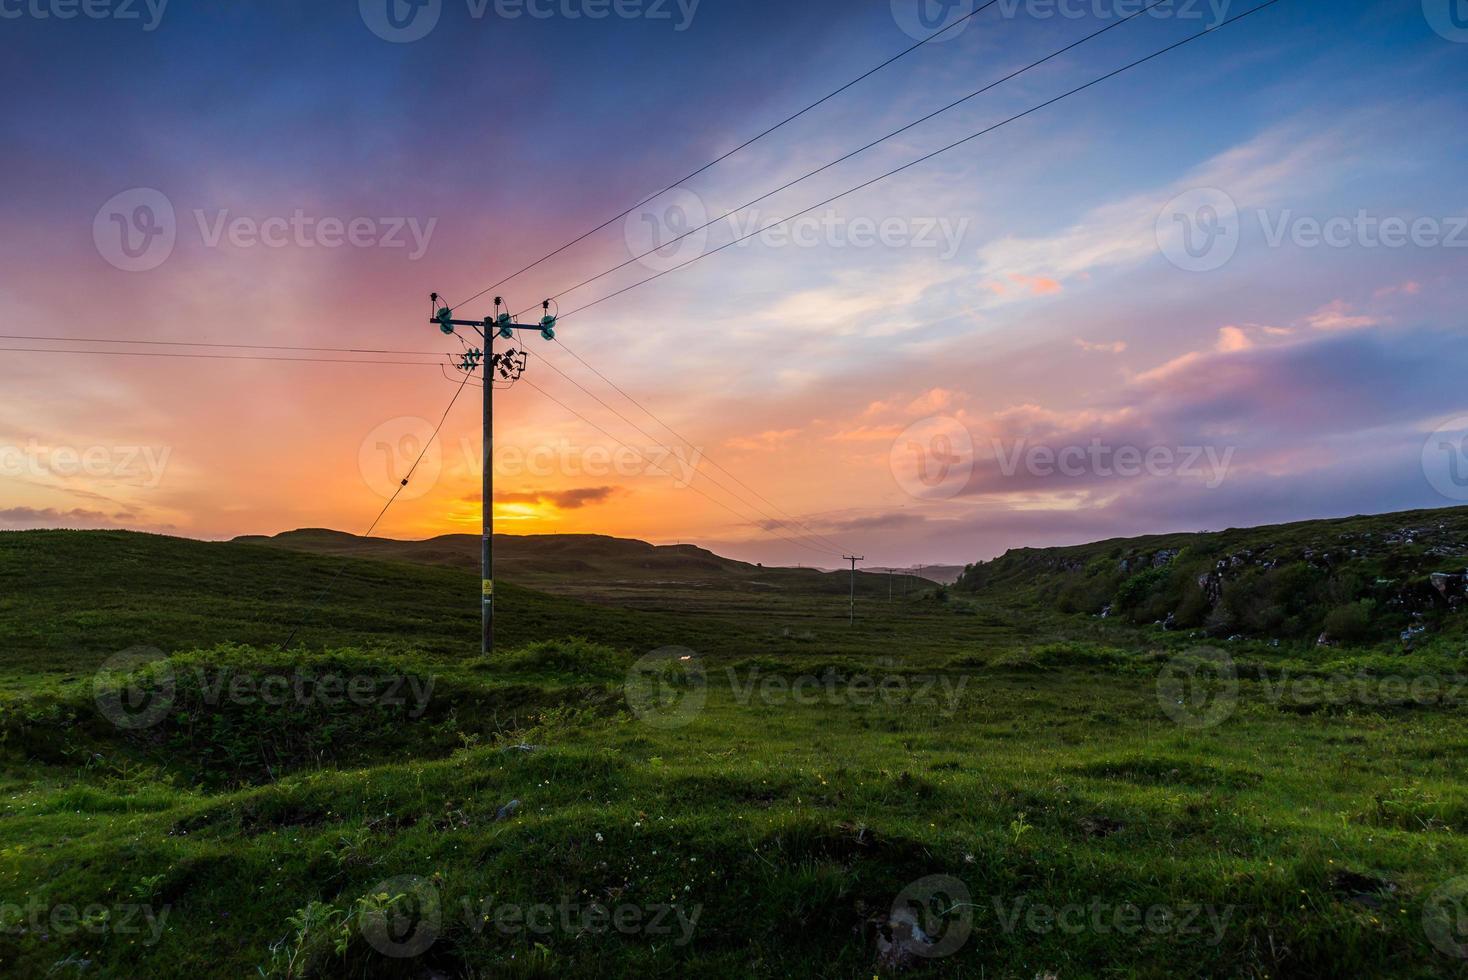 téléphone ou ligne électrique dans les champs au coucher du soleil photo